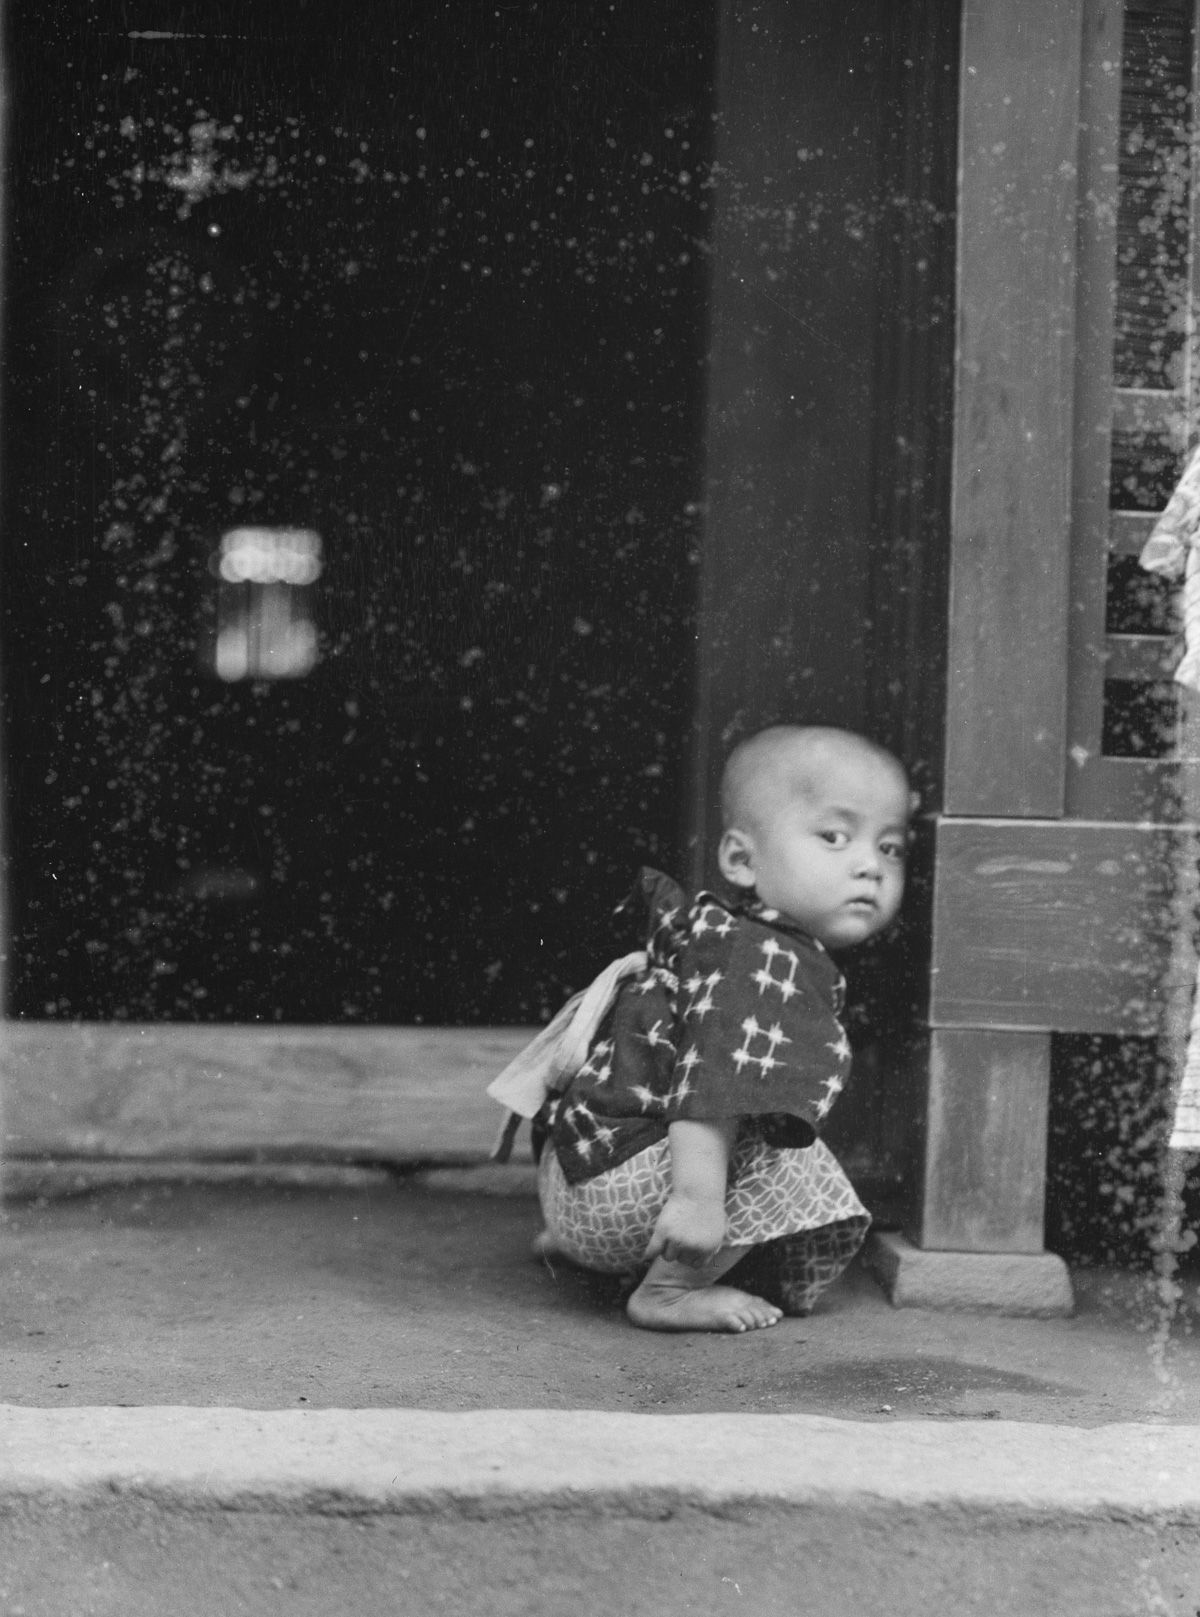 Yaponiya istoricheskie foto Arnold Dzhente 37